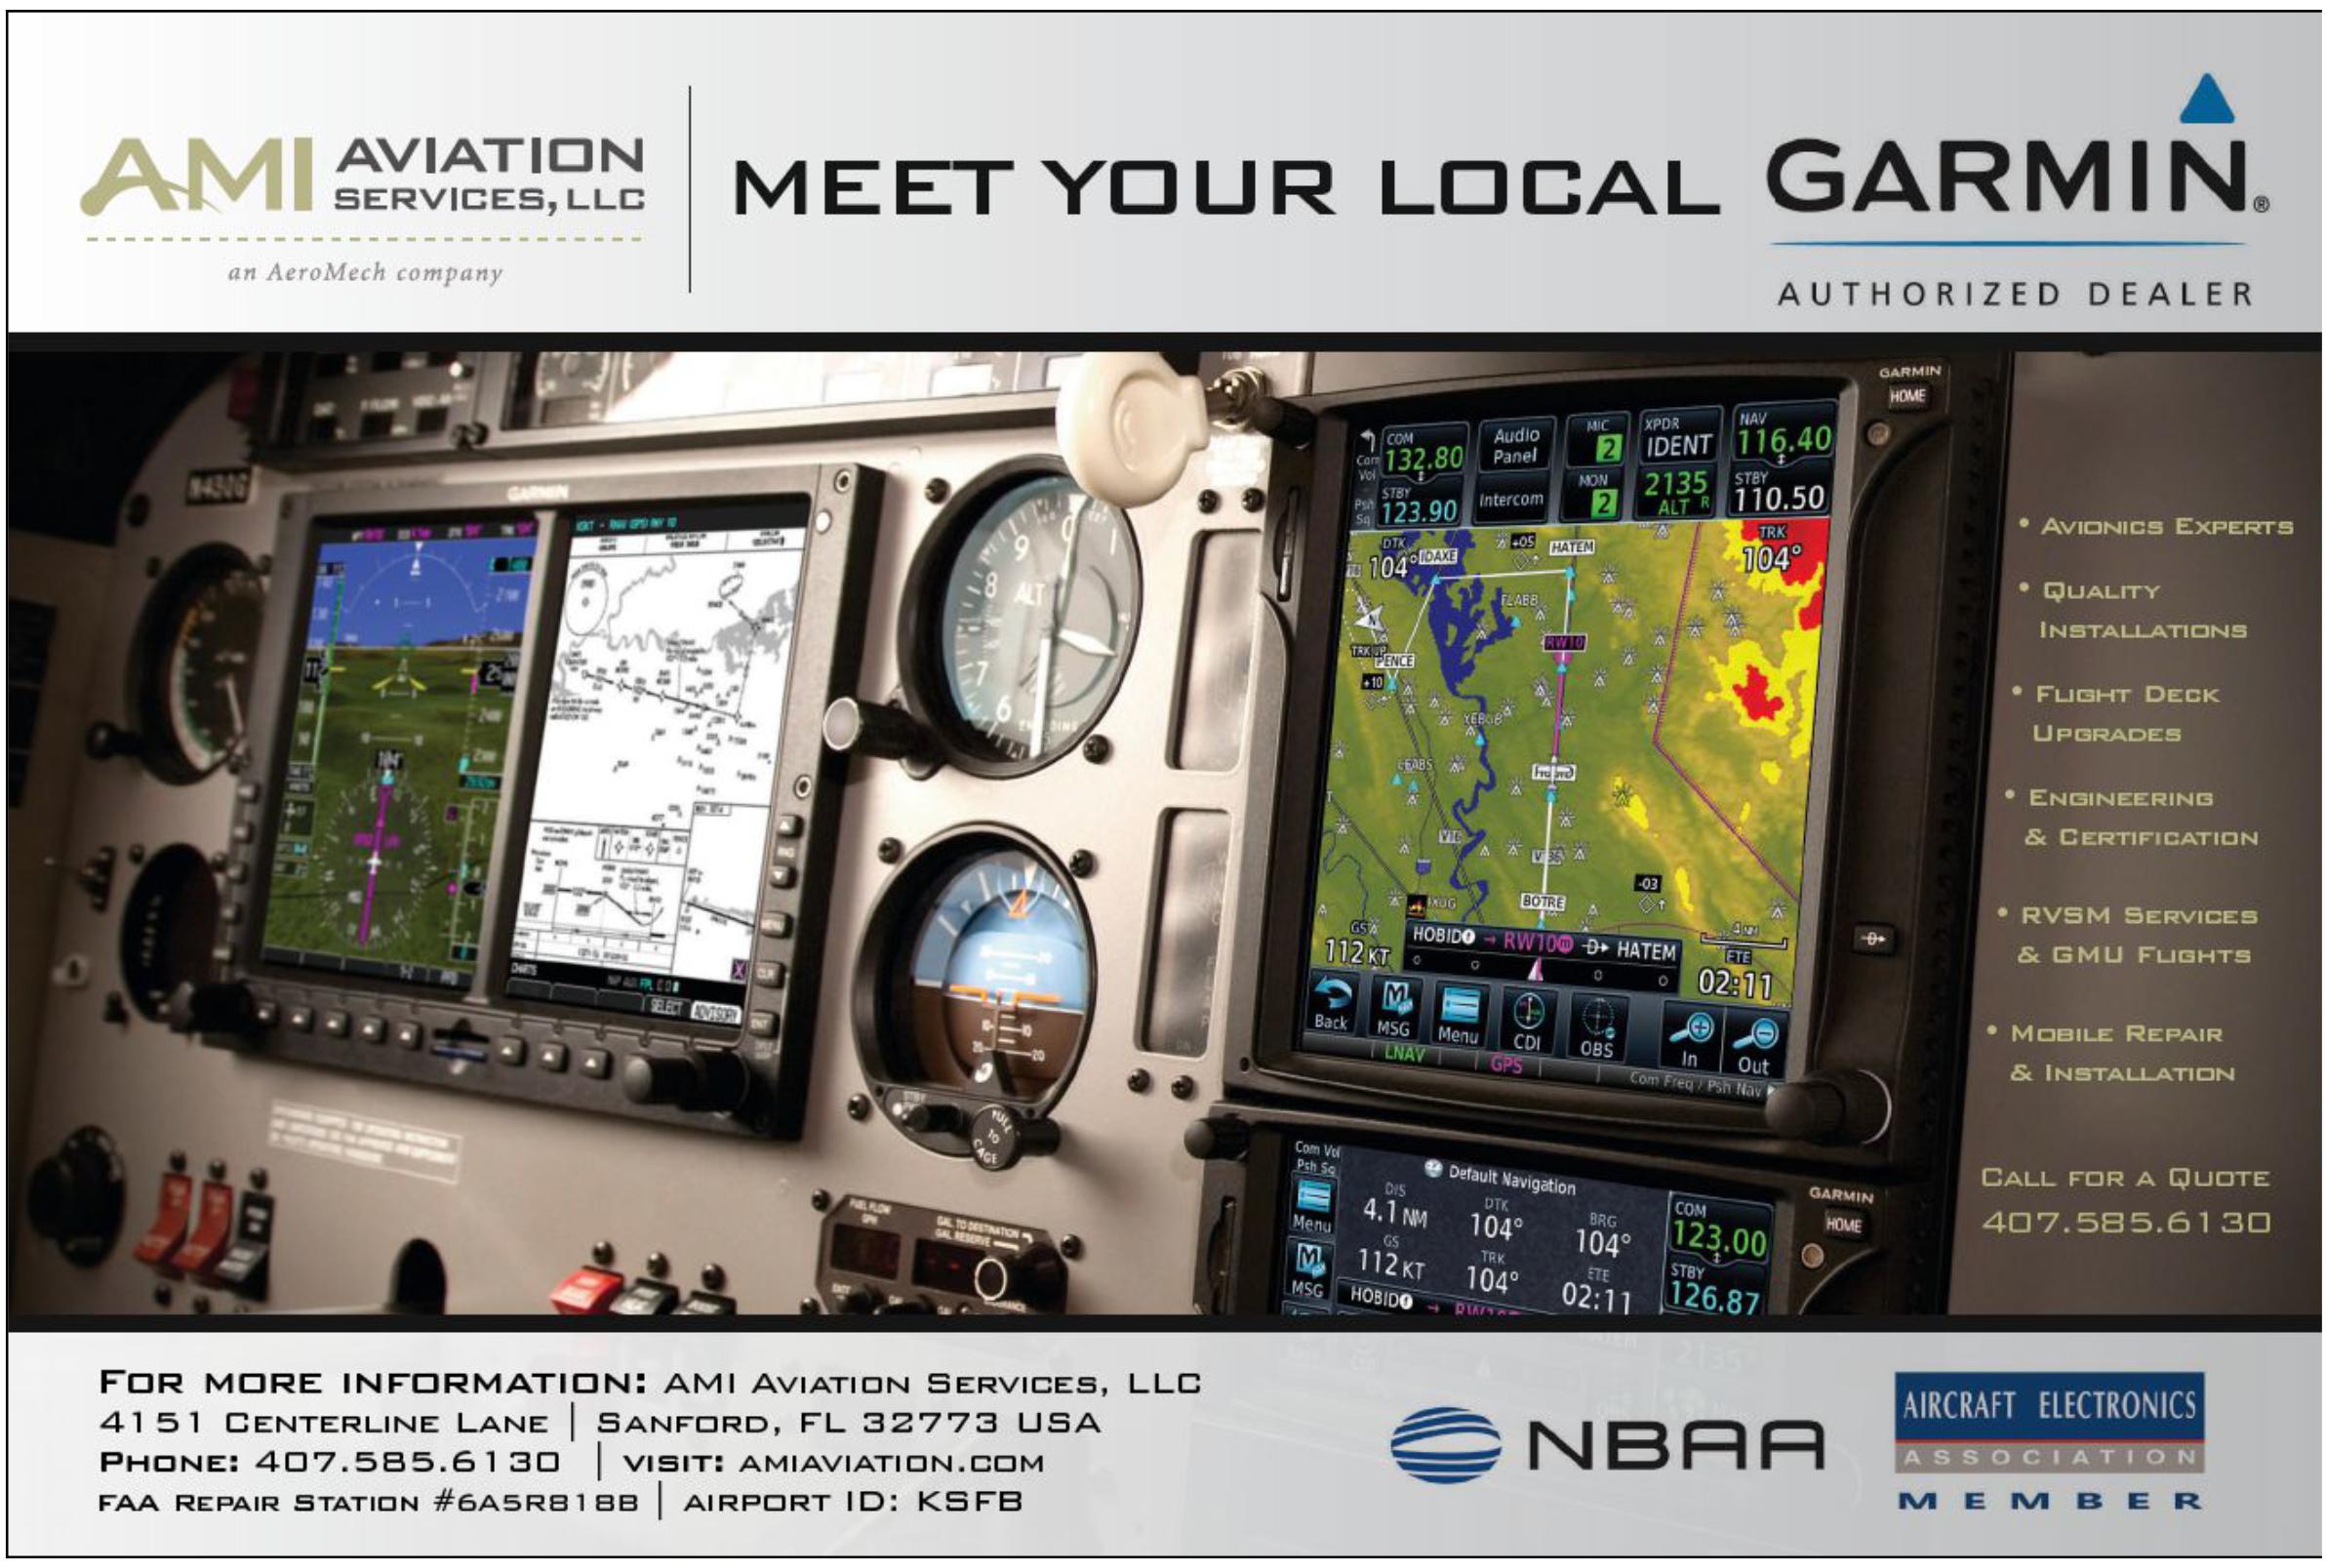 AMI Aviation Garmin Dealer Postcard.jpg